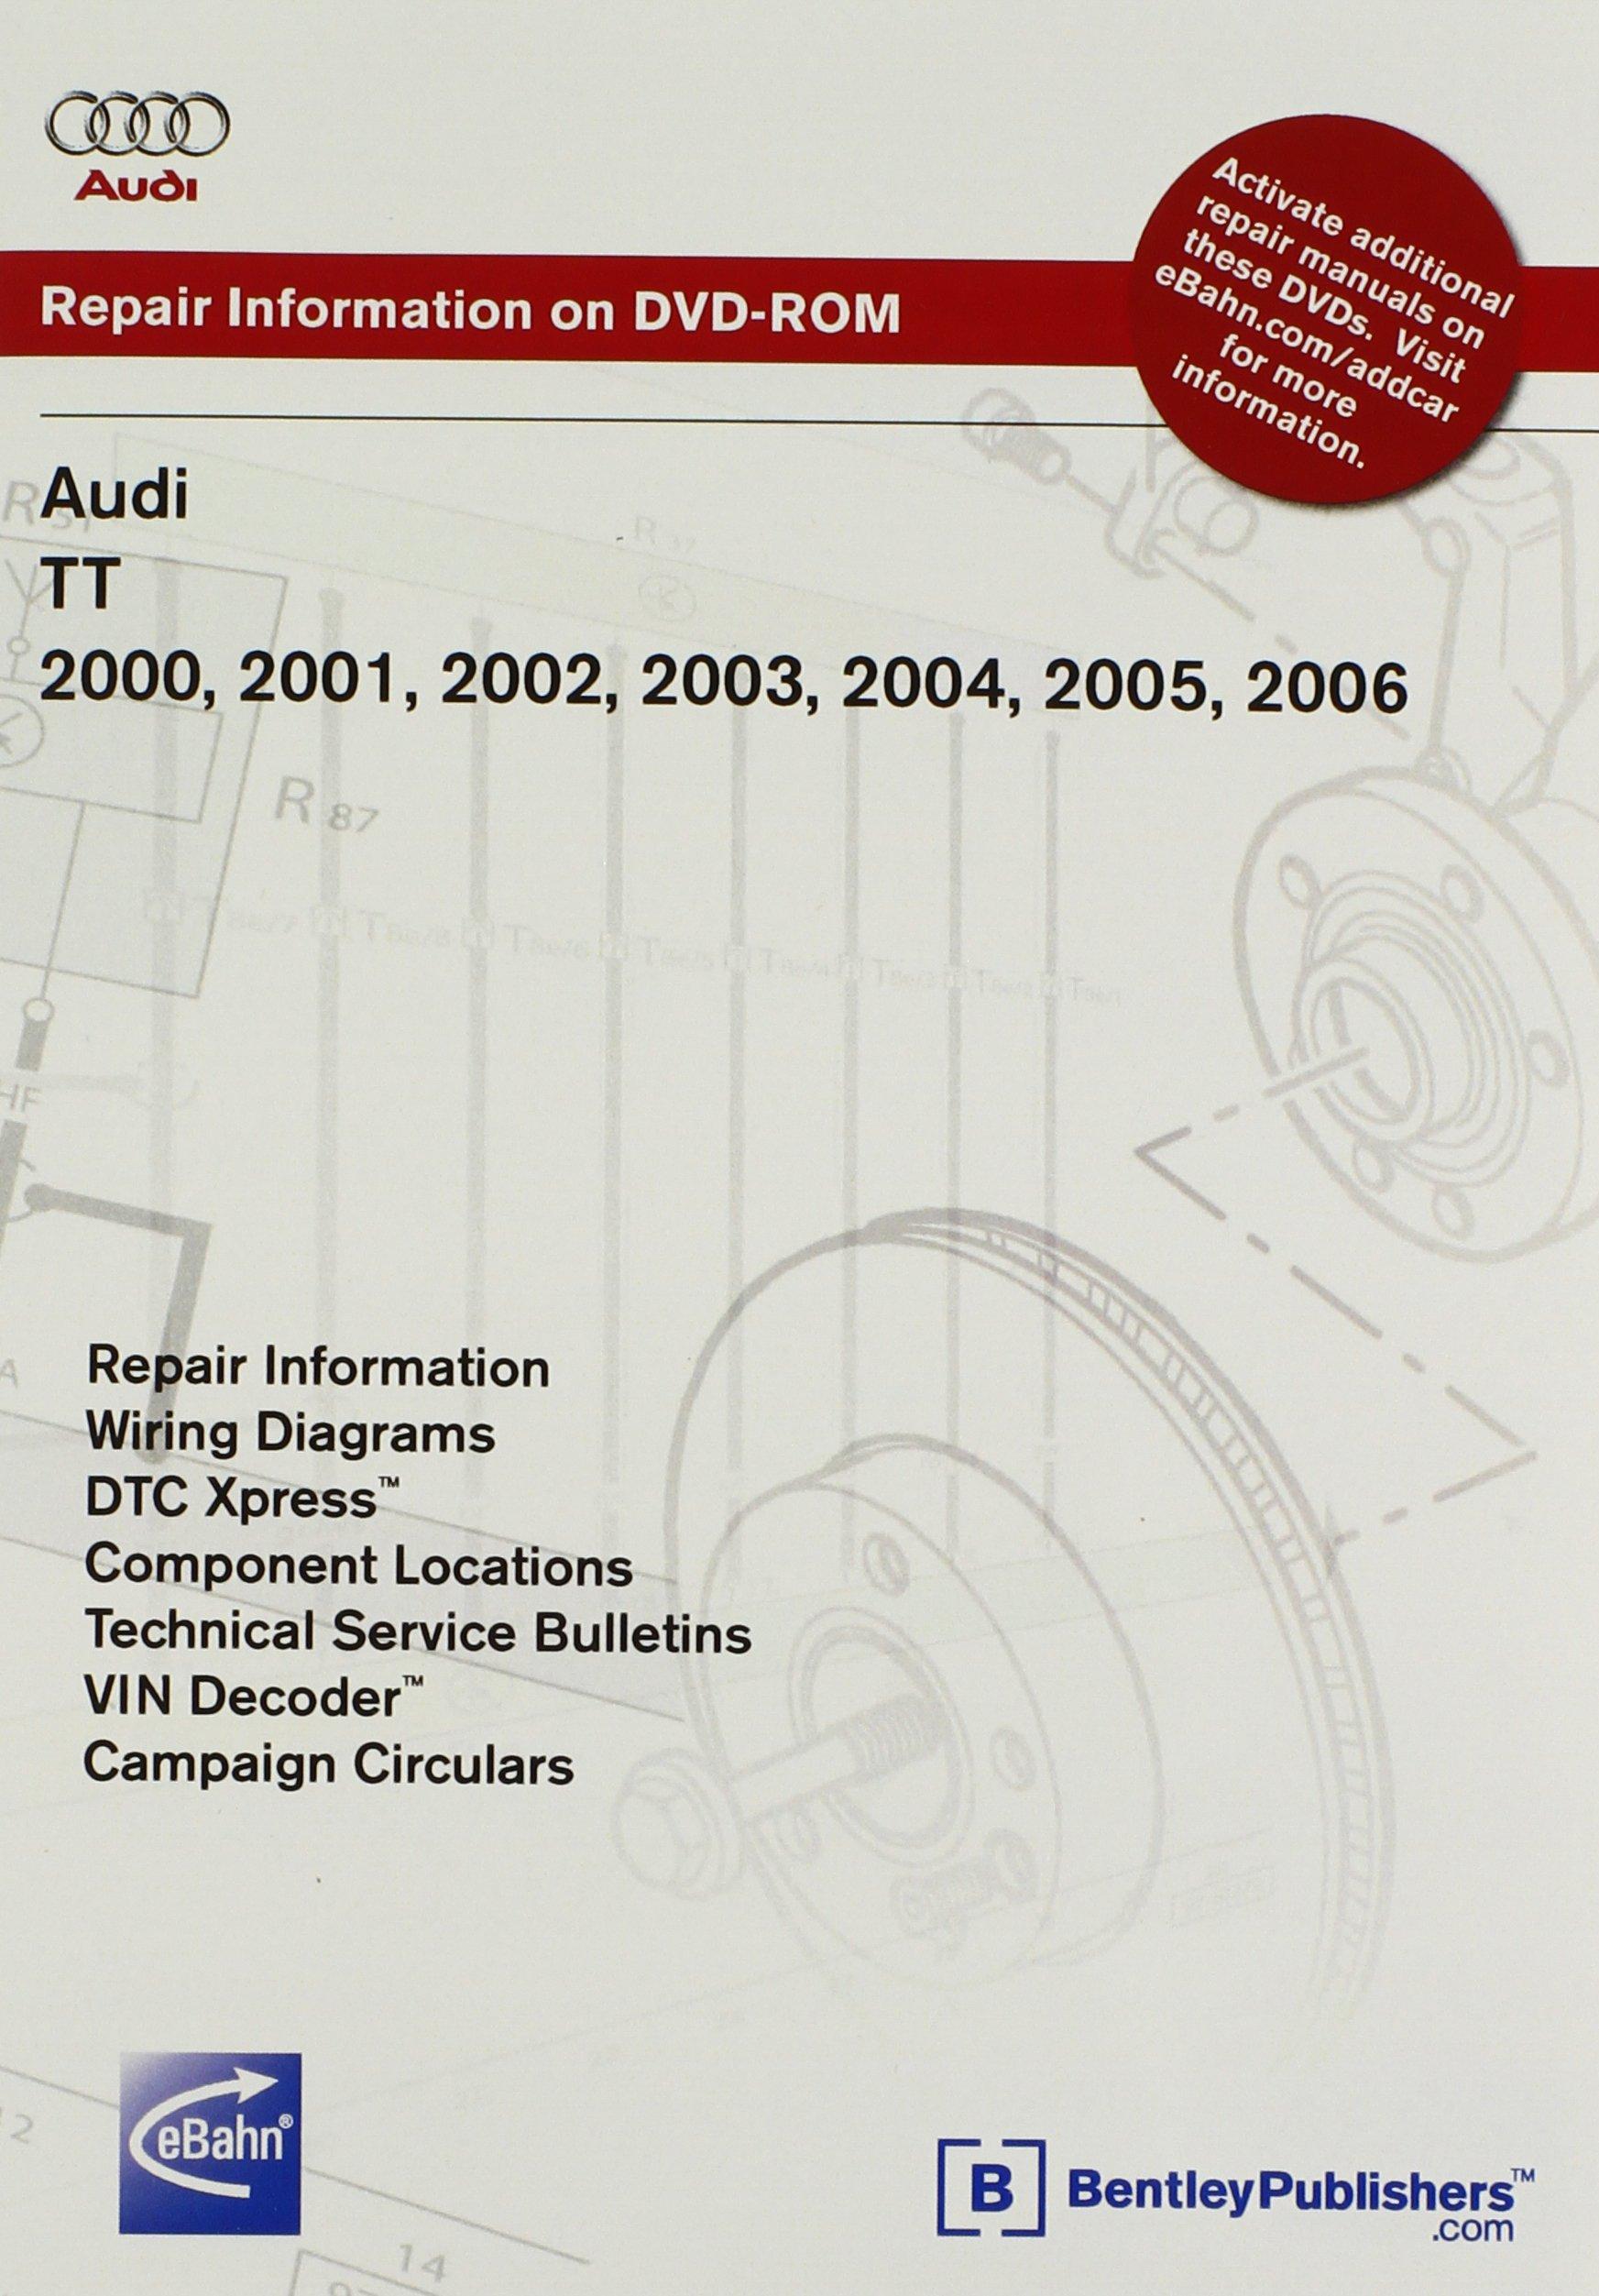 Audi Tt 2000, 2001, 2002, 2003, 2004, 2005, 2006: Repair Manual on DVD-ROM  CD-ROM – Apr 1 2009